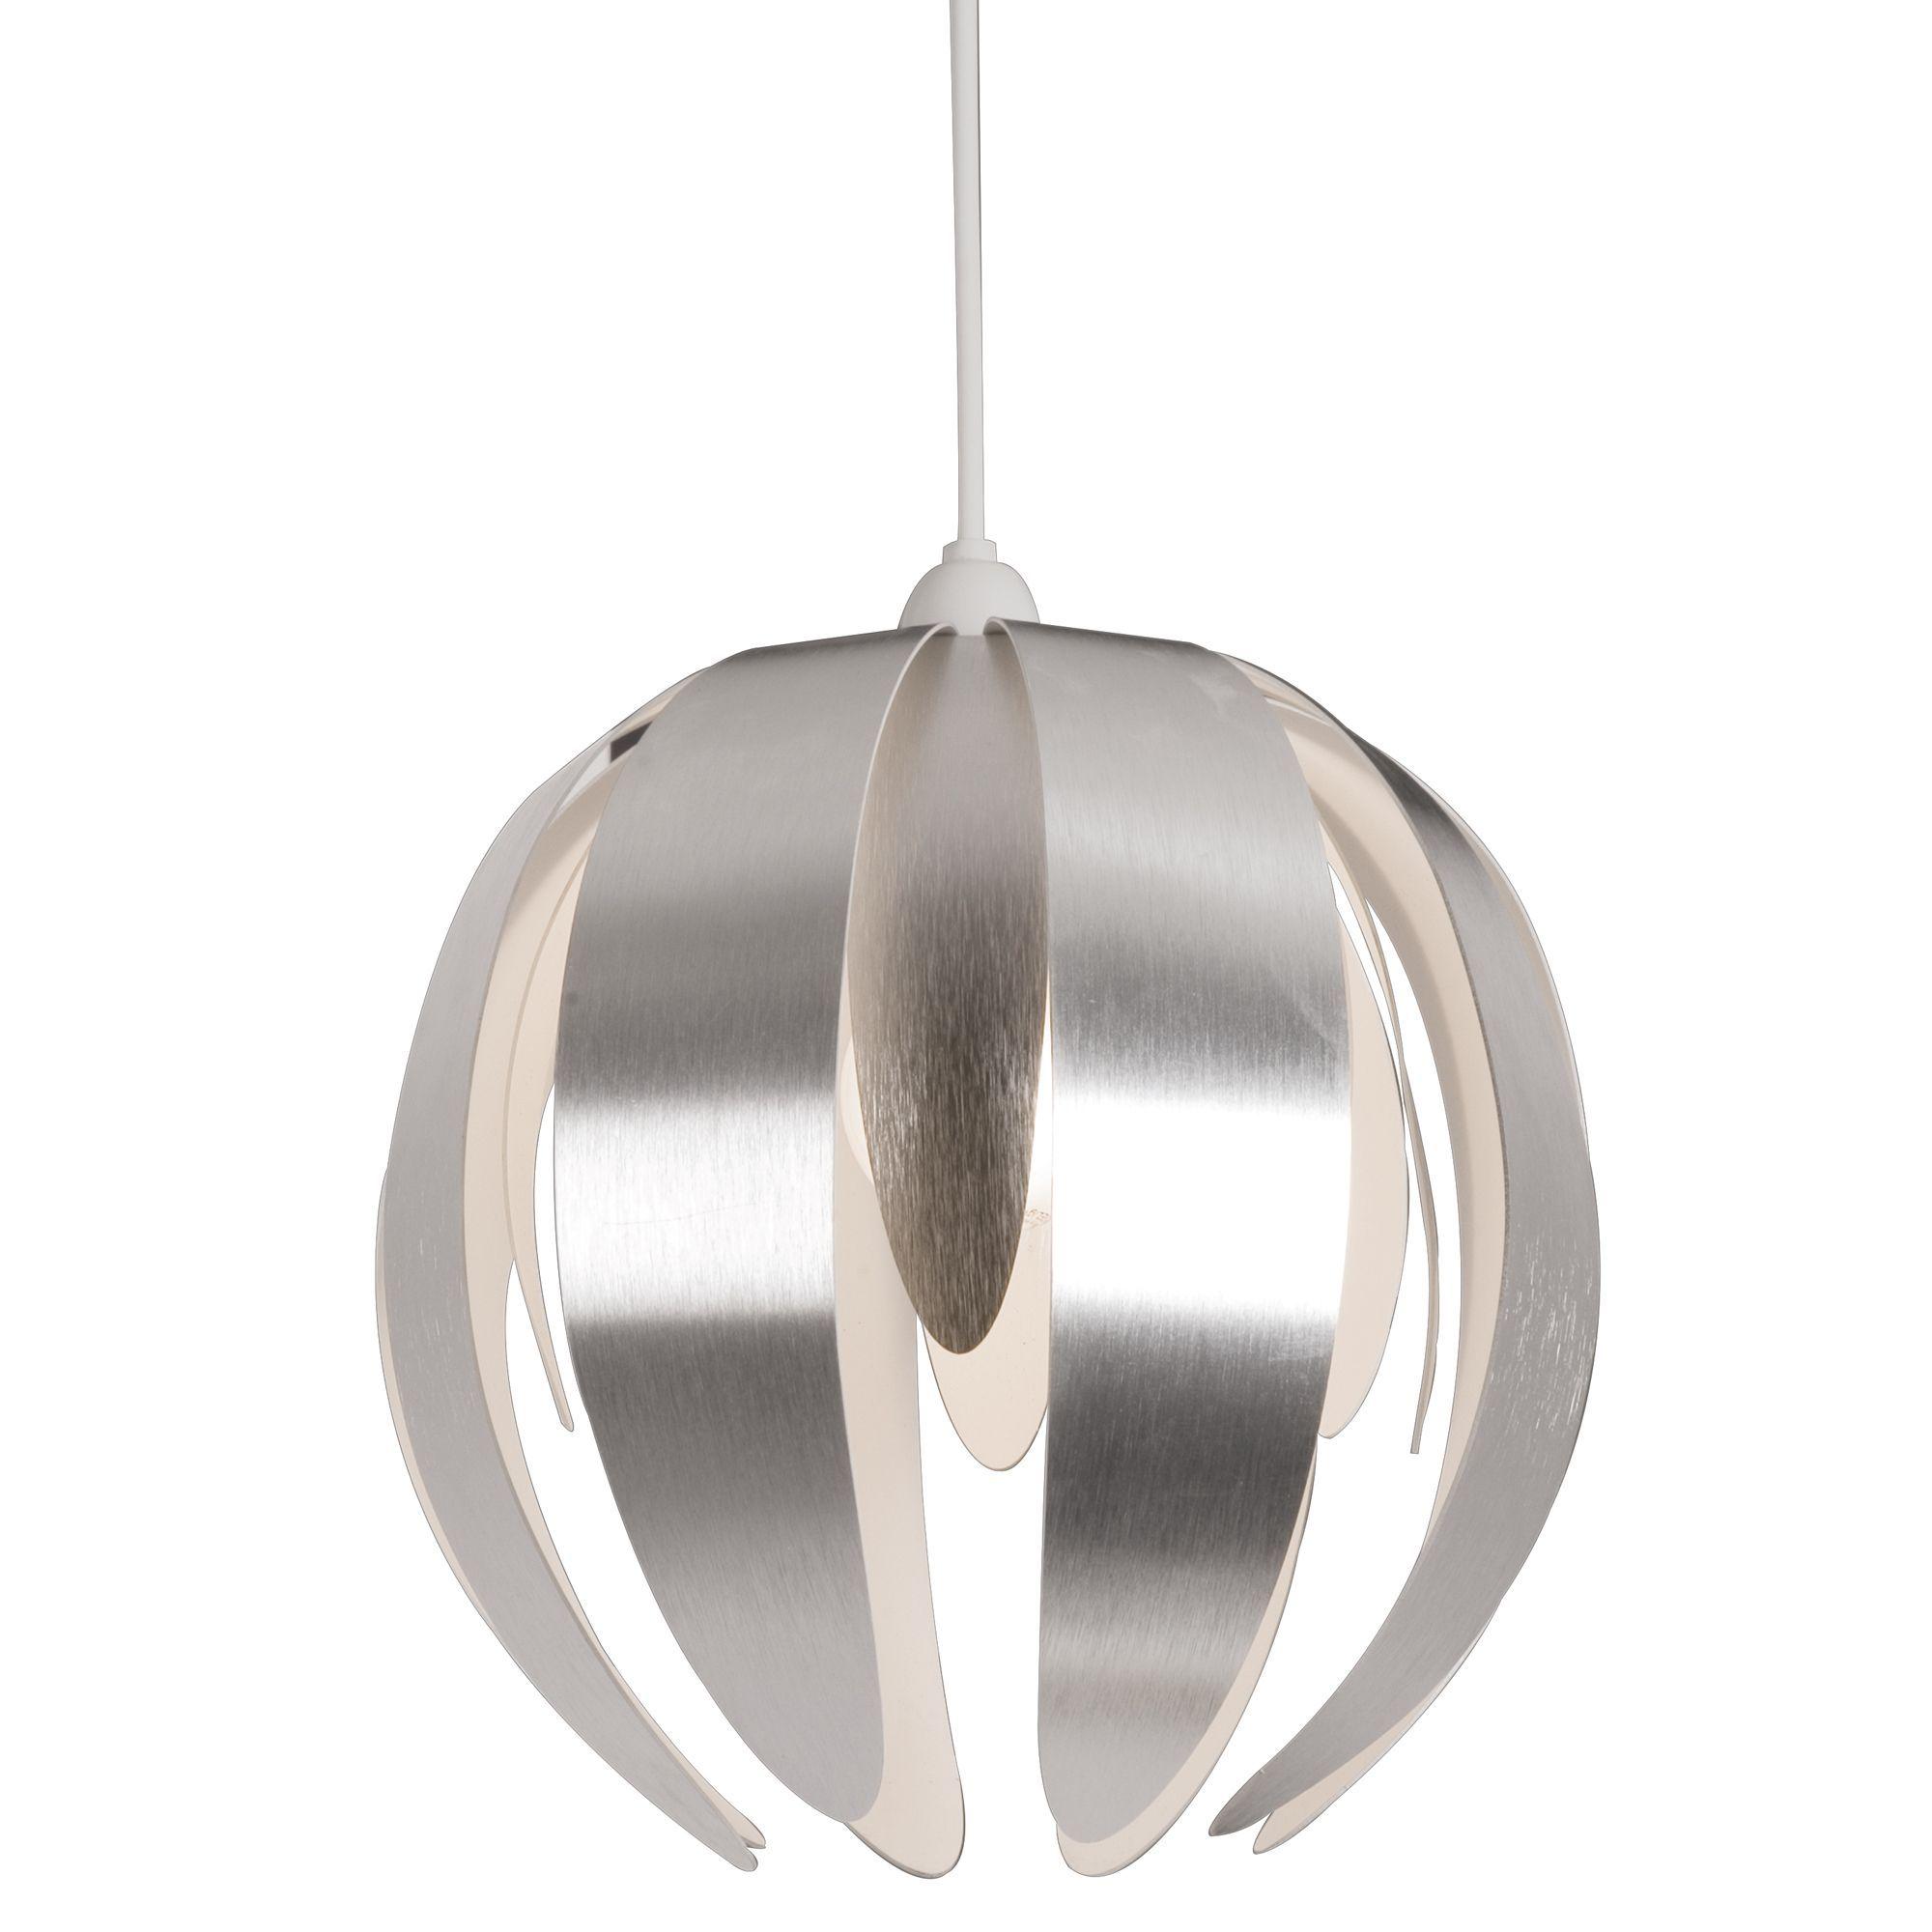 Canna Aluminium Petal Light Shade (D)270mm